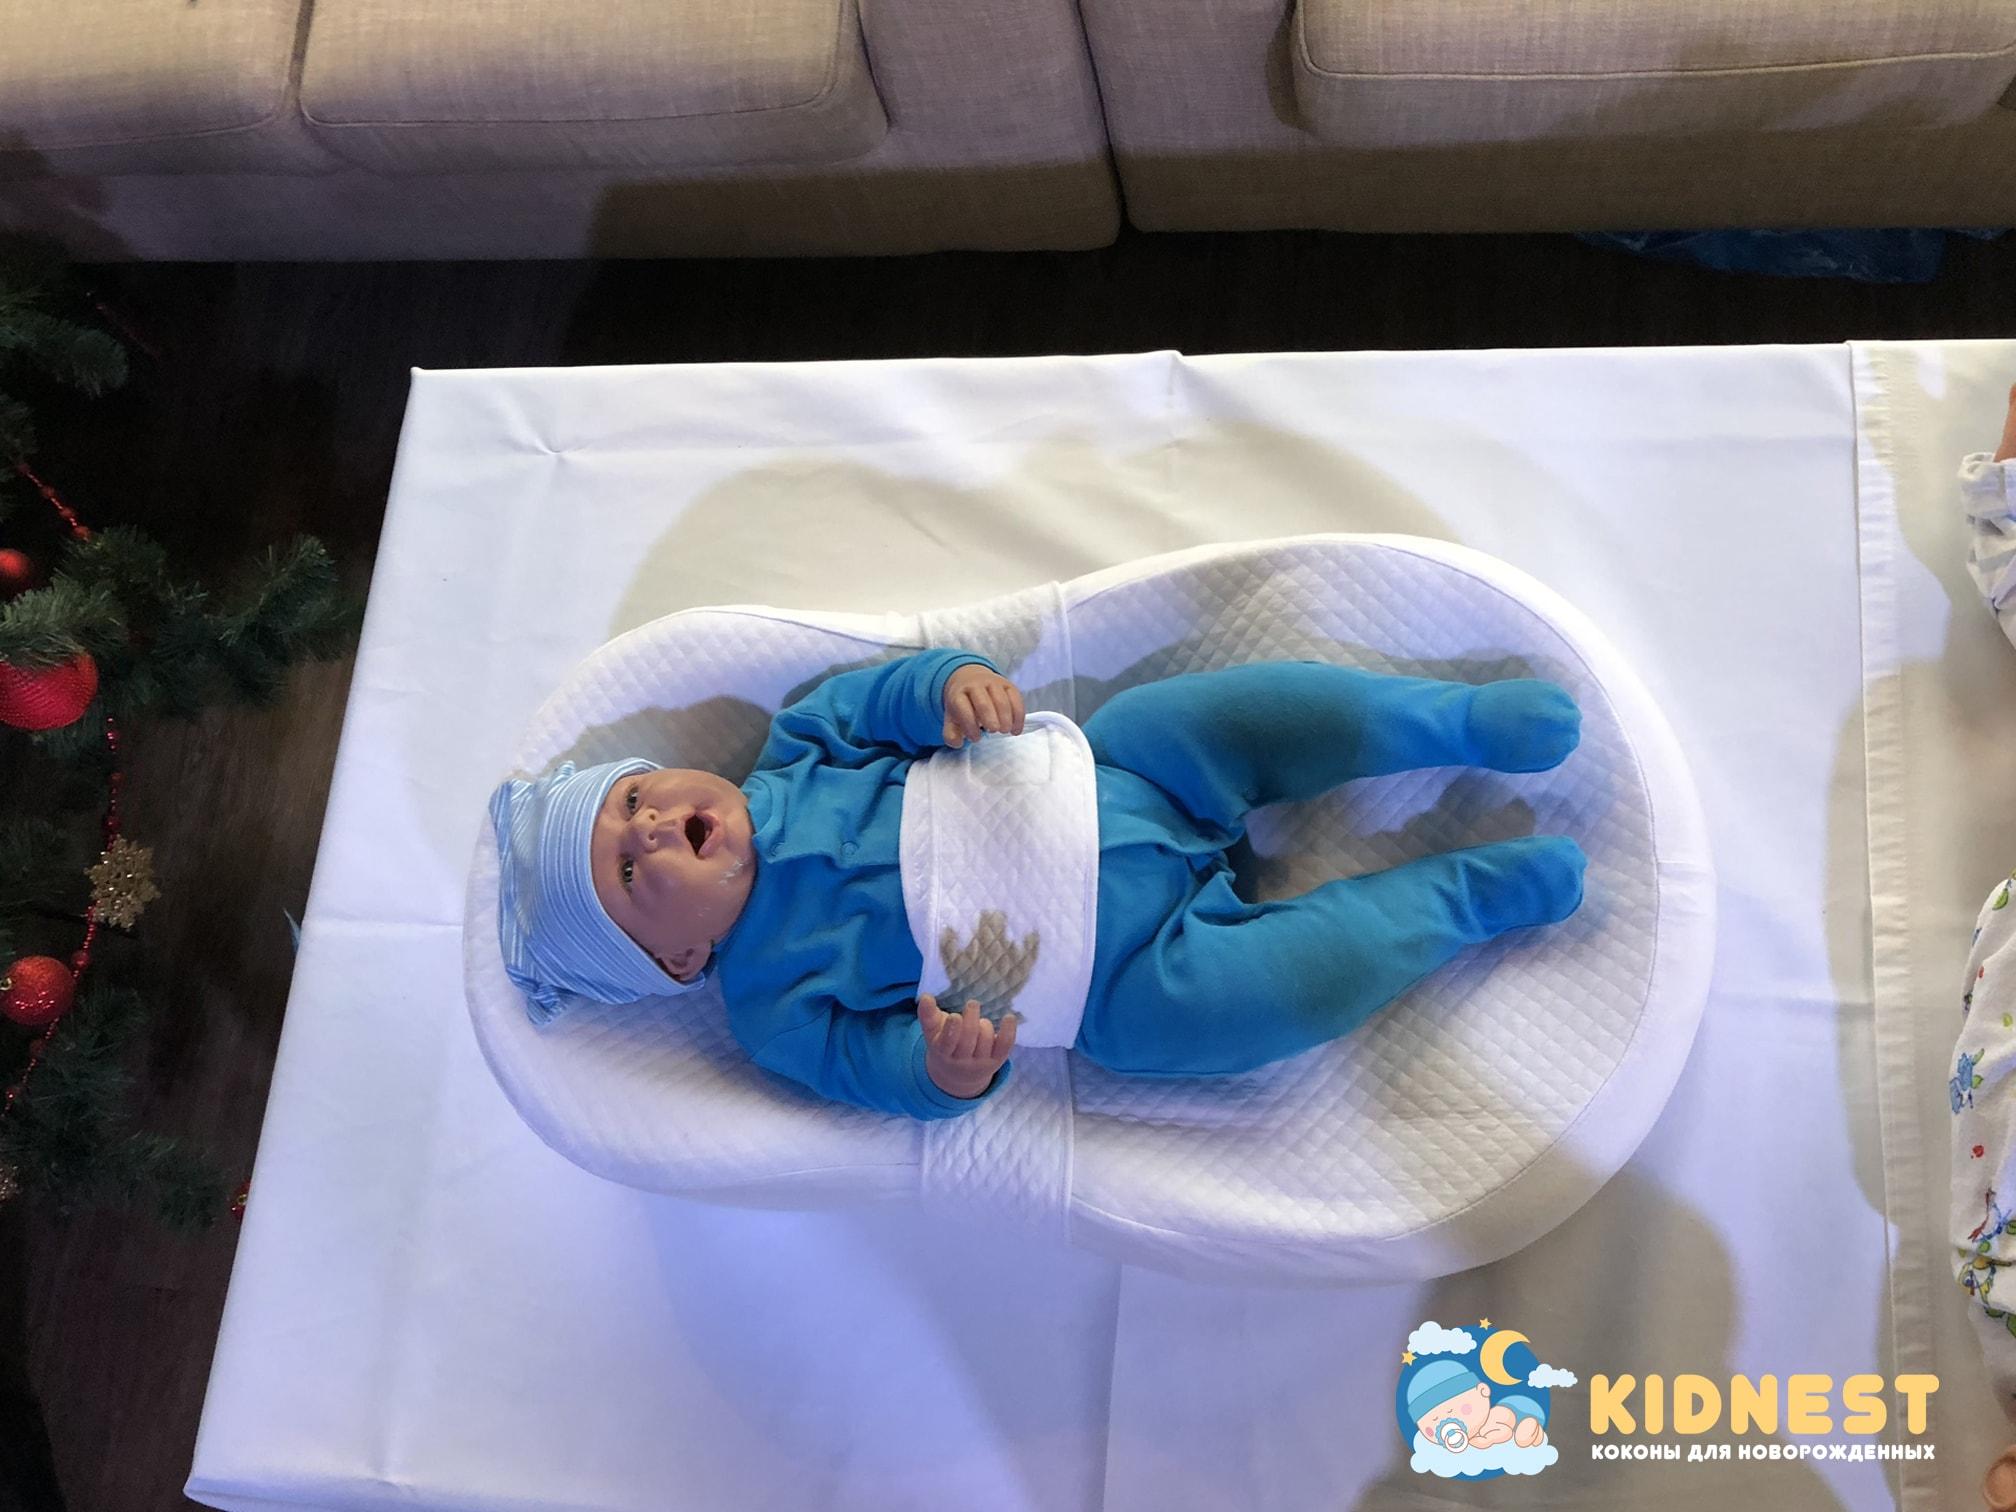 Коконы для новорожденных с доставкой по РФ